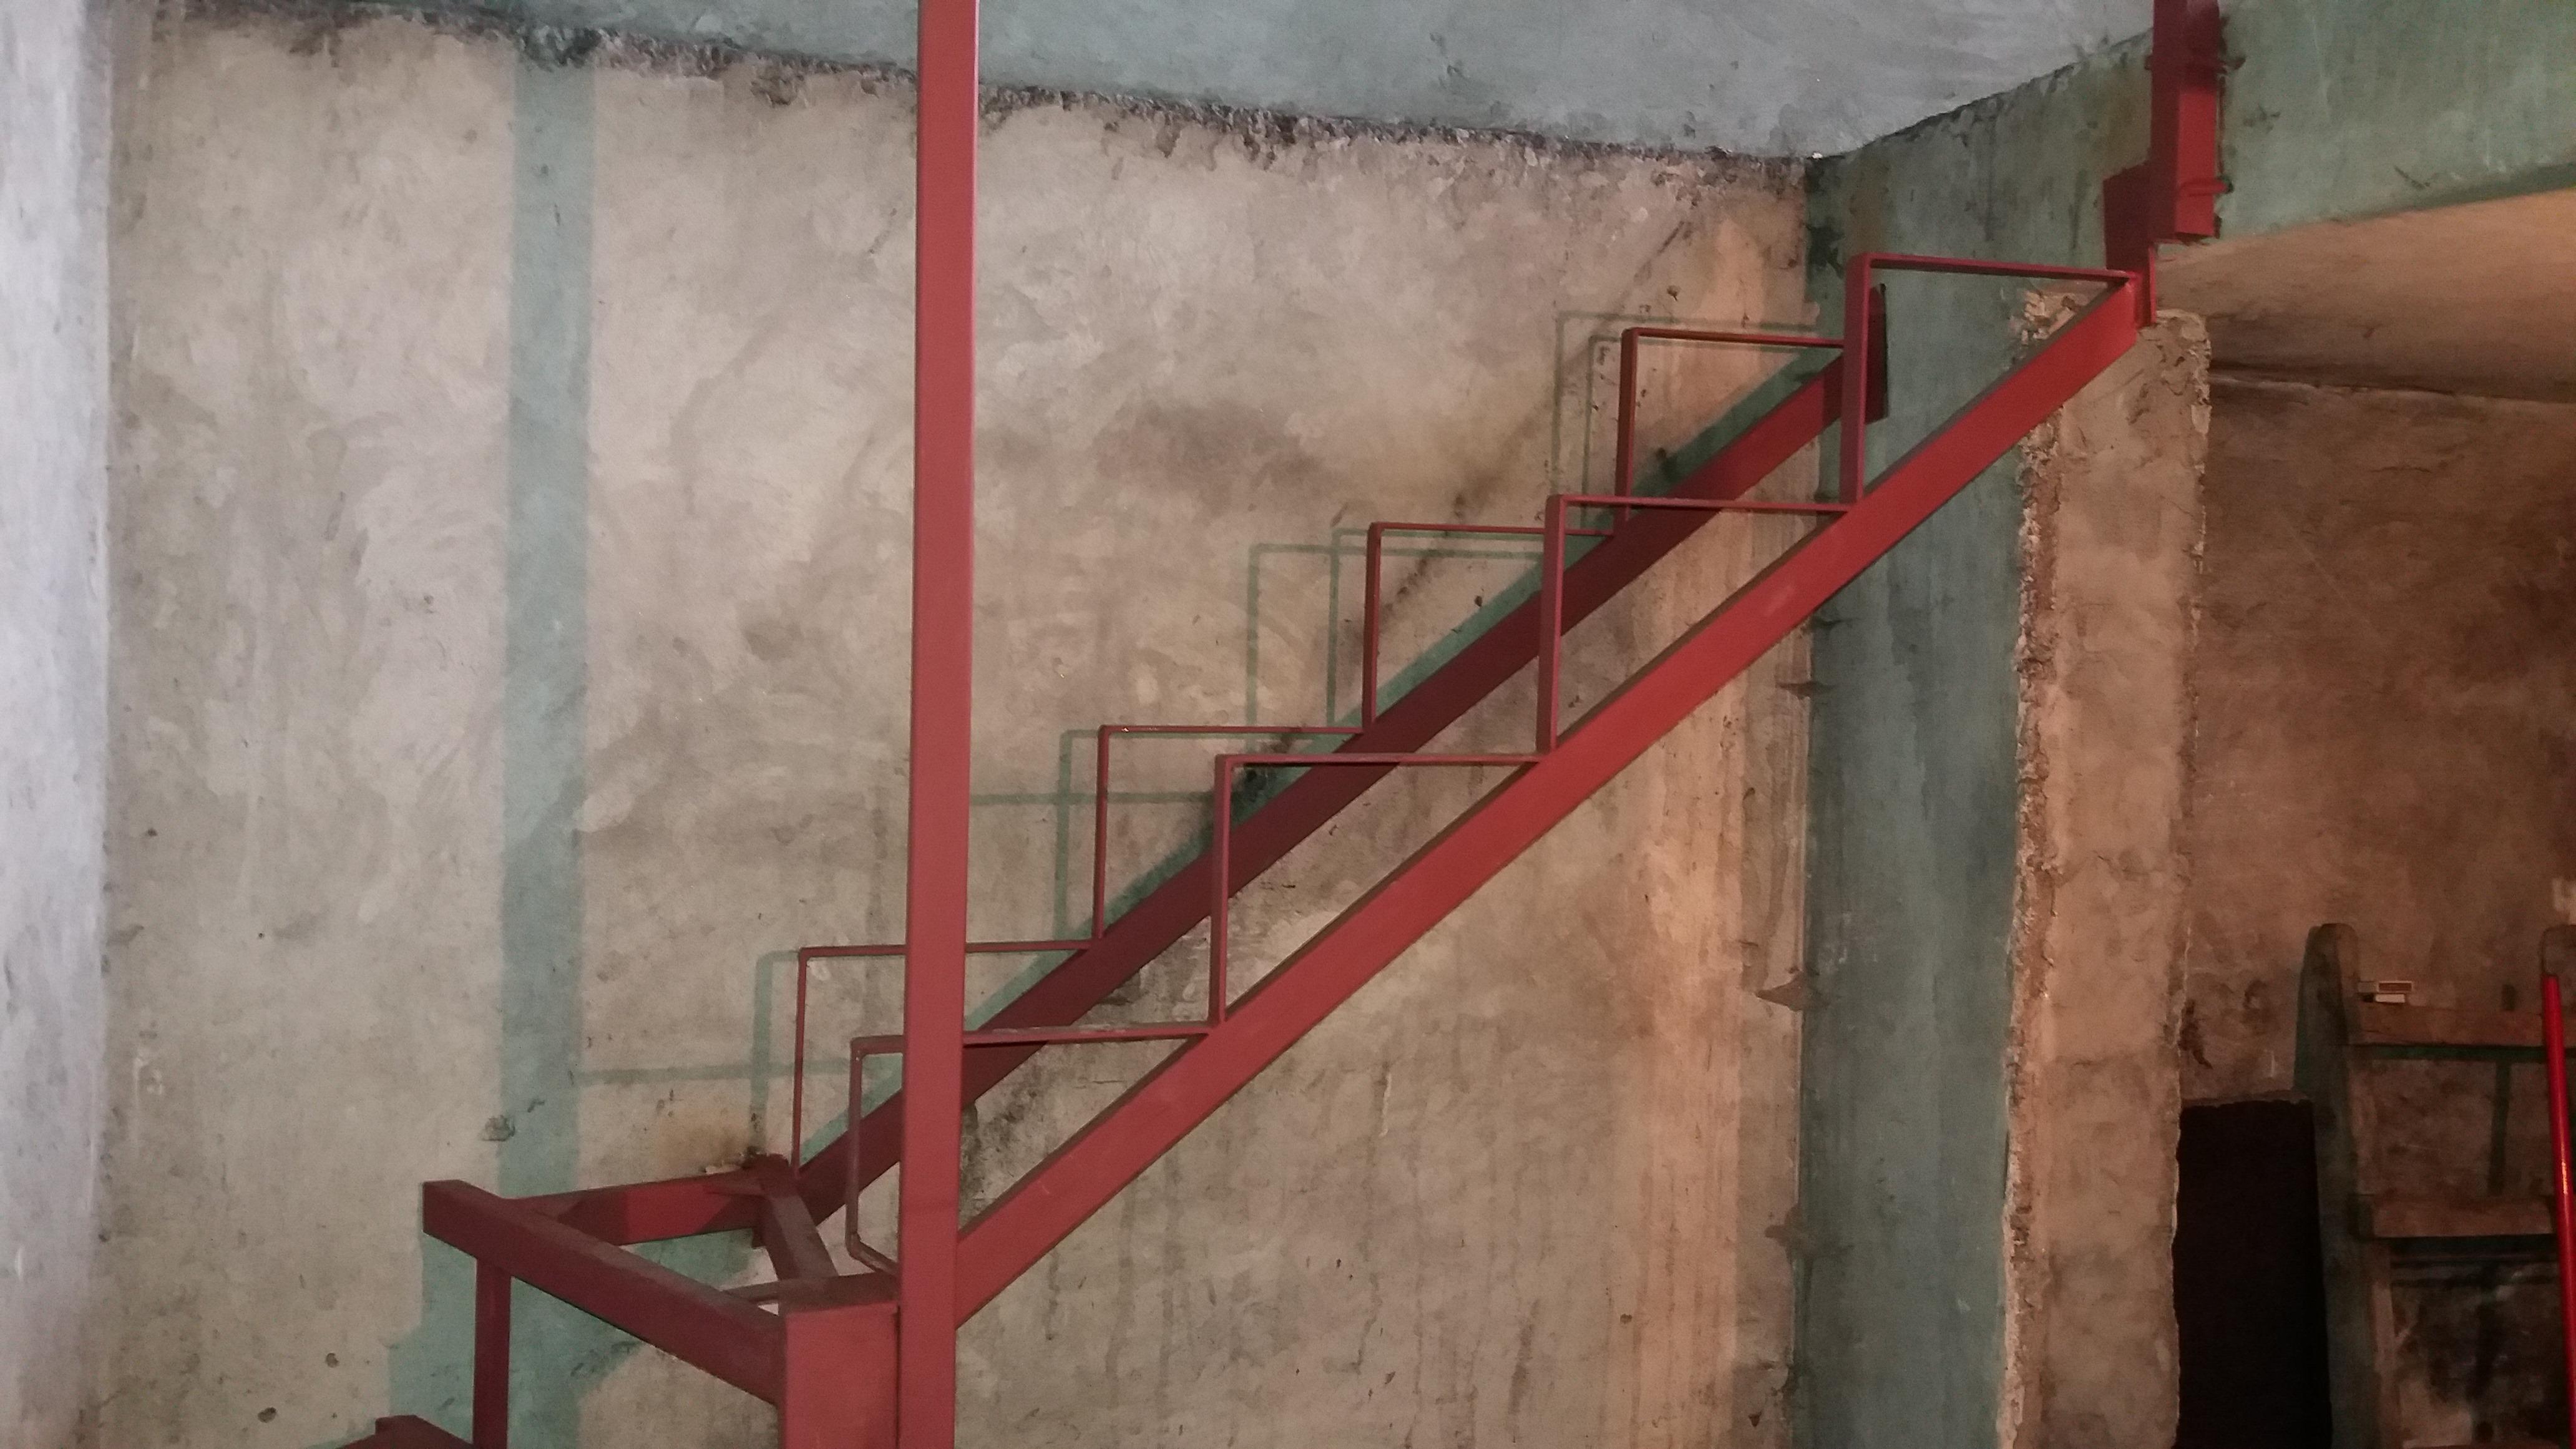 Izrada konstukcije za stepenice